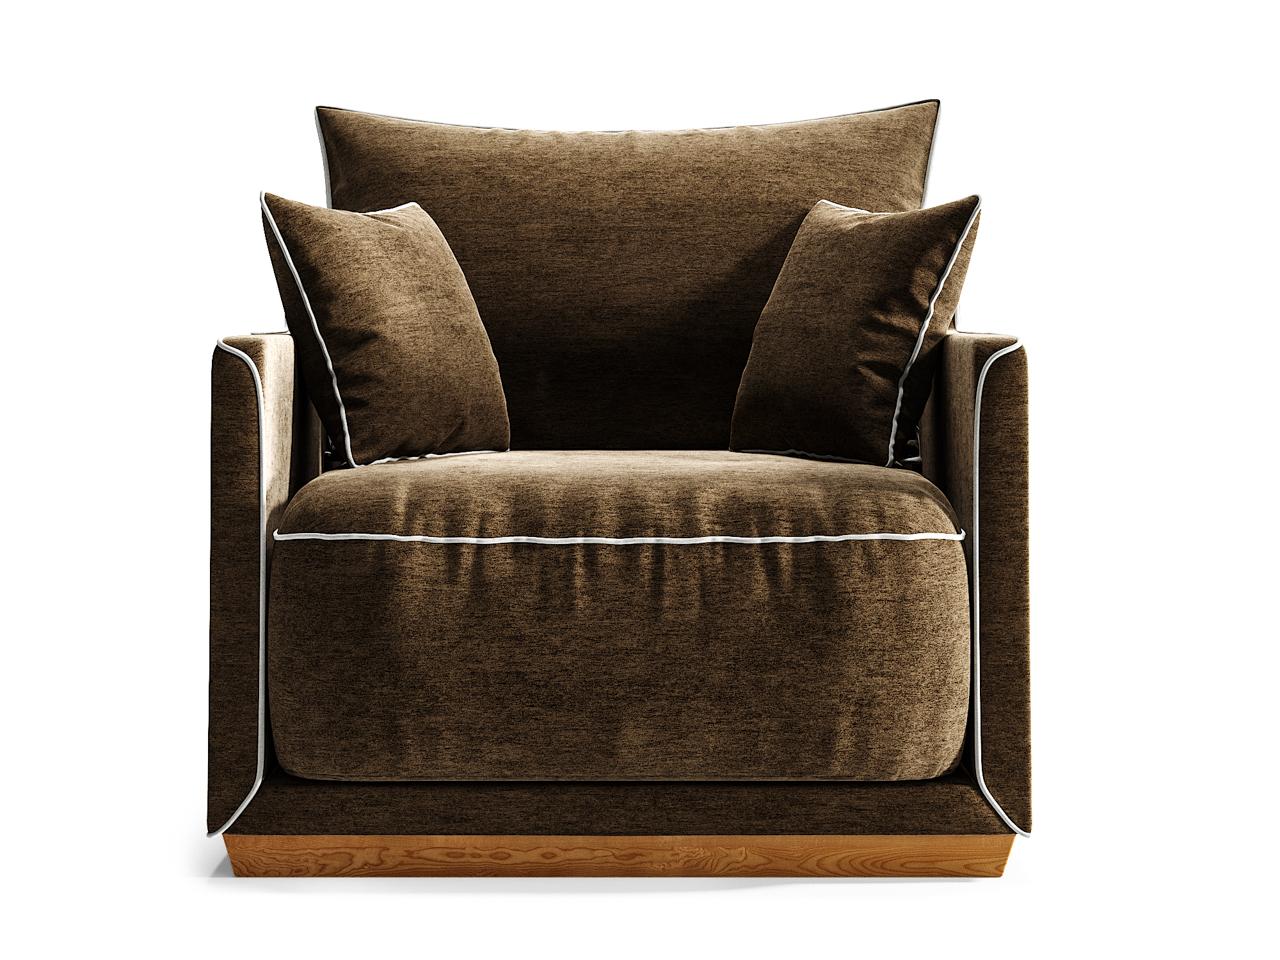 Кресло SohoИнтерьерные кресла<br>Кресло SOHO станет прекрасным акцентом в вашем интерьере, а также может стать отличным дополнением к дивану SOHO.Оно гармонично сочетает в себе мягкие пуховые подушки, удобные и глубокие нижние подушки, основательный цоколь и прочный каркас из массива березы. Изюминкой коллекции стали декоративные канты, цвет которых можно выбрать наравне с основной отделкой диванов из палитры The IDEA. Дополняют образ плавные боковые линии каркаса.&amp;lt;div&amp;gt;&amp;lt;br&amp;gt;&amp;lt;/div&amp;gt;&amp;lt;div&amp;gt;&amp;lt;div&amp;gt;Цвет: светлая береза, ткань категория 1. шенил 01+04.&amp;lt;/div&amp;gt;&amp;lt;div&amp;gt;Цвет канта можно выбрать из палитры тканей Категории 2.&amp;lt;br&amp;gt;&amp;lt;/div&amp;gt;&amp;lt;div&amp;gt;Материал: массив березы, фанера, обивка - ткань, прорезиненный пенополиуретан, холлофайбер, пух-перо.&amp;lt;/div&amp;gt;&amp;lt;/div&amp;gt;<br><br>Material: Текстиль<br>Ширина см: 94.0<br>Высота см: 92.0<br>Глубина см: 94.0